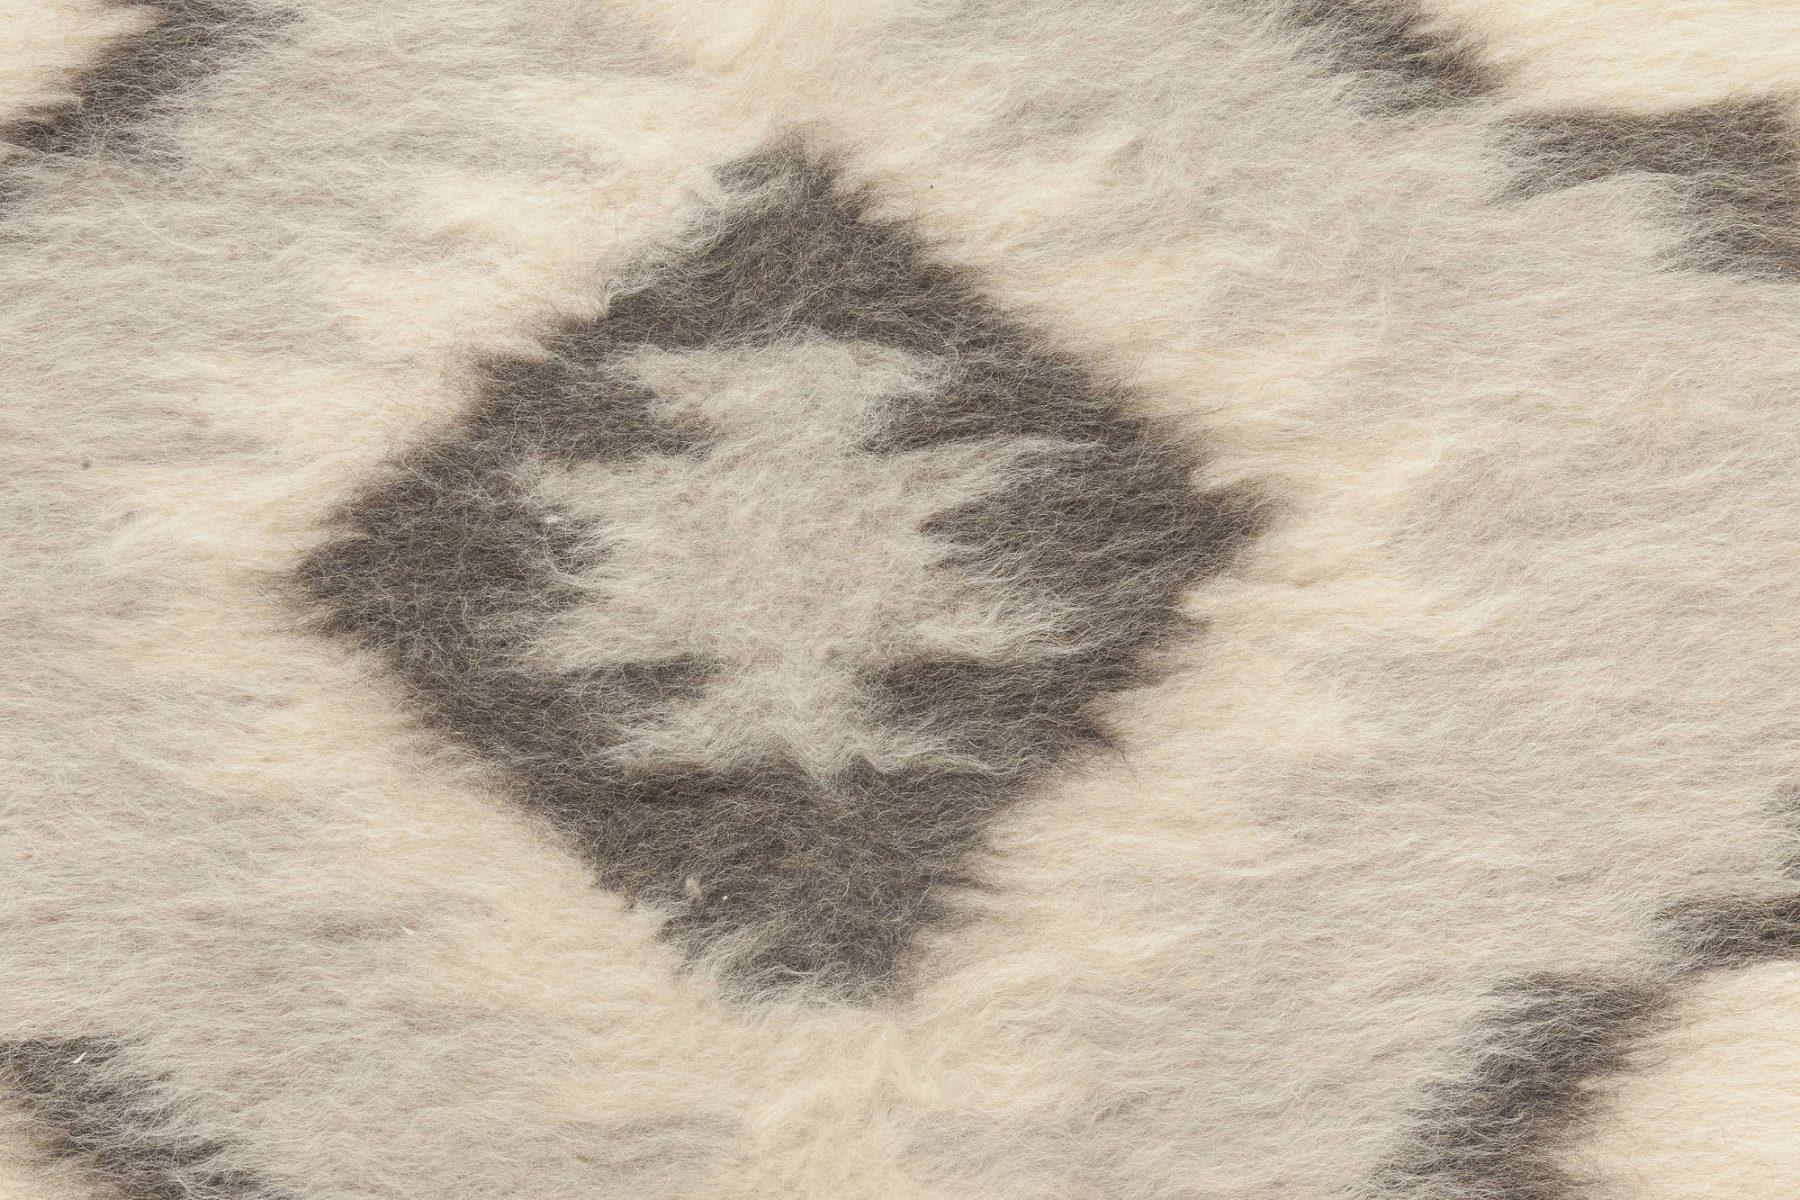 Geometric Stamverband V Steely Blue and White Goat Hair Rug N11831